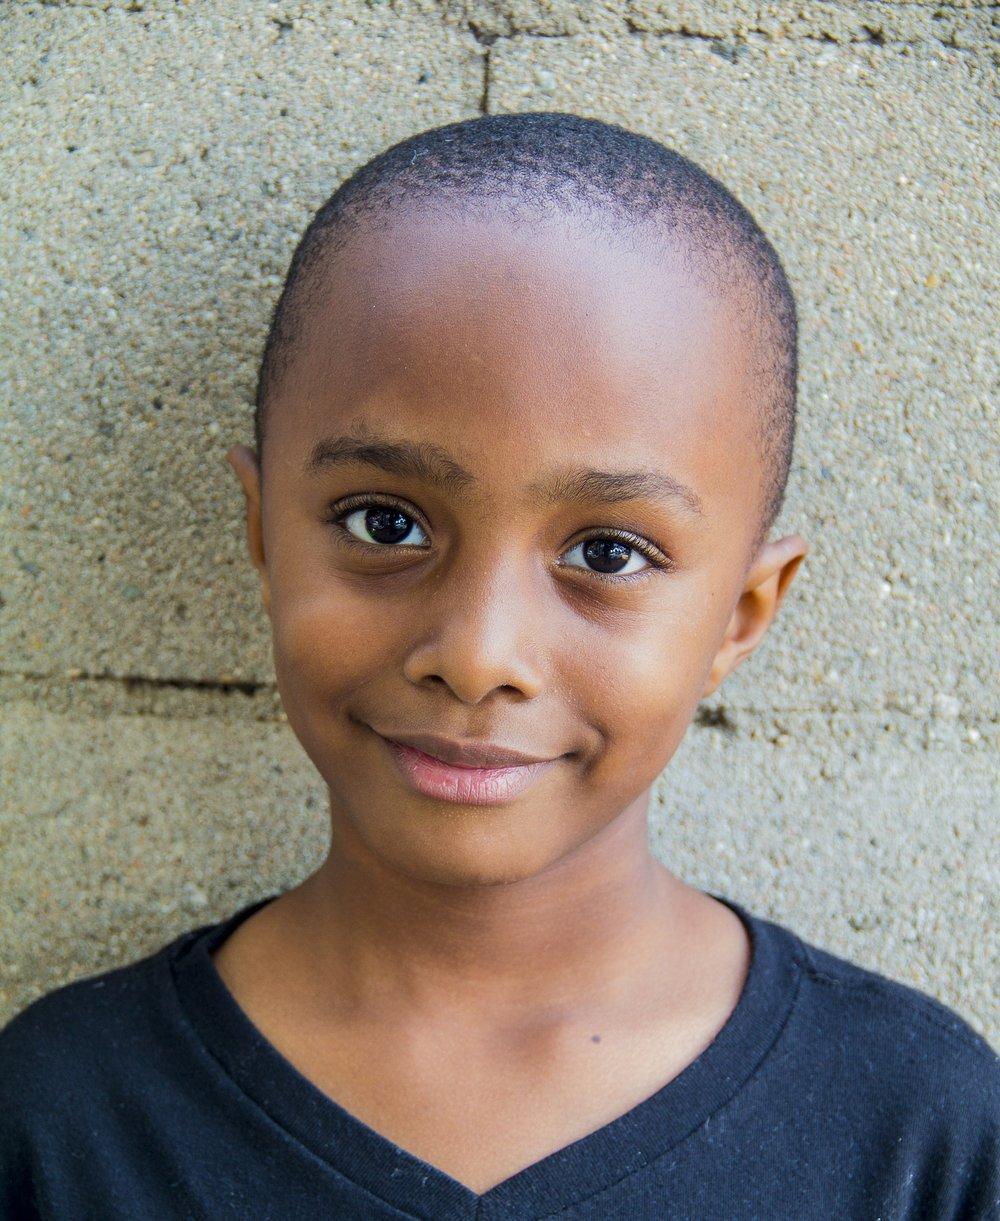 child-1544790_1920.jpg